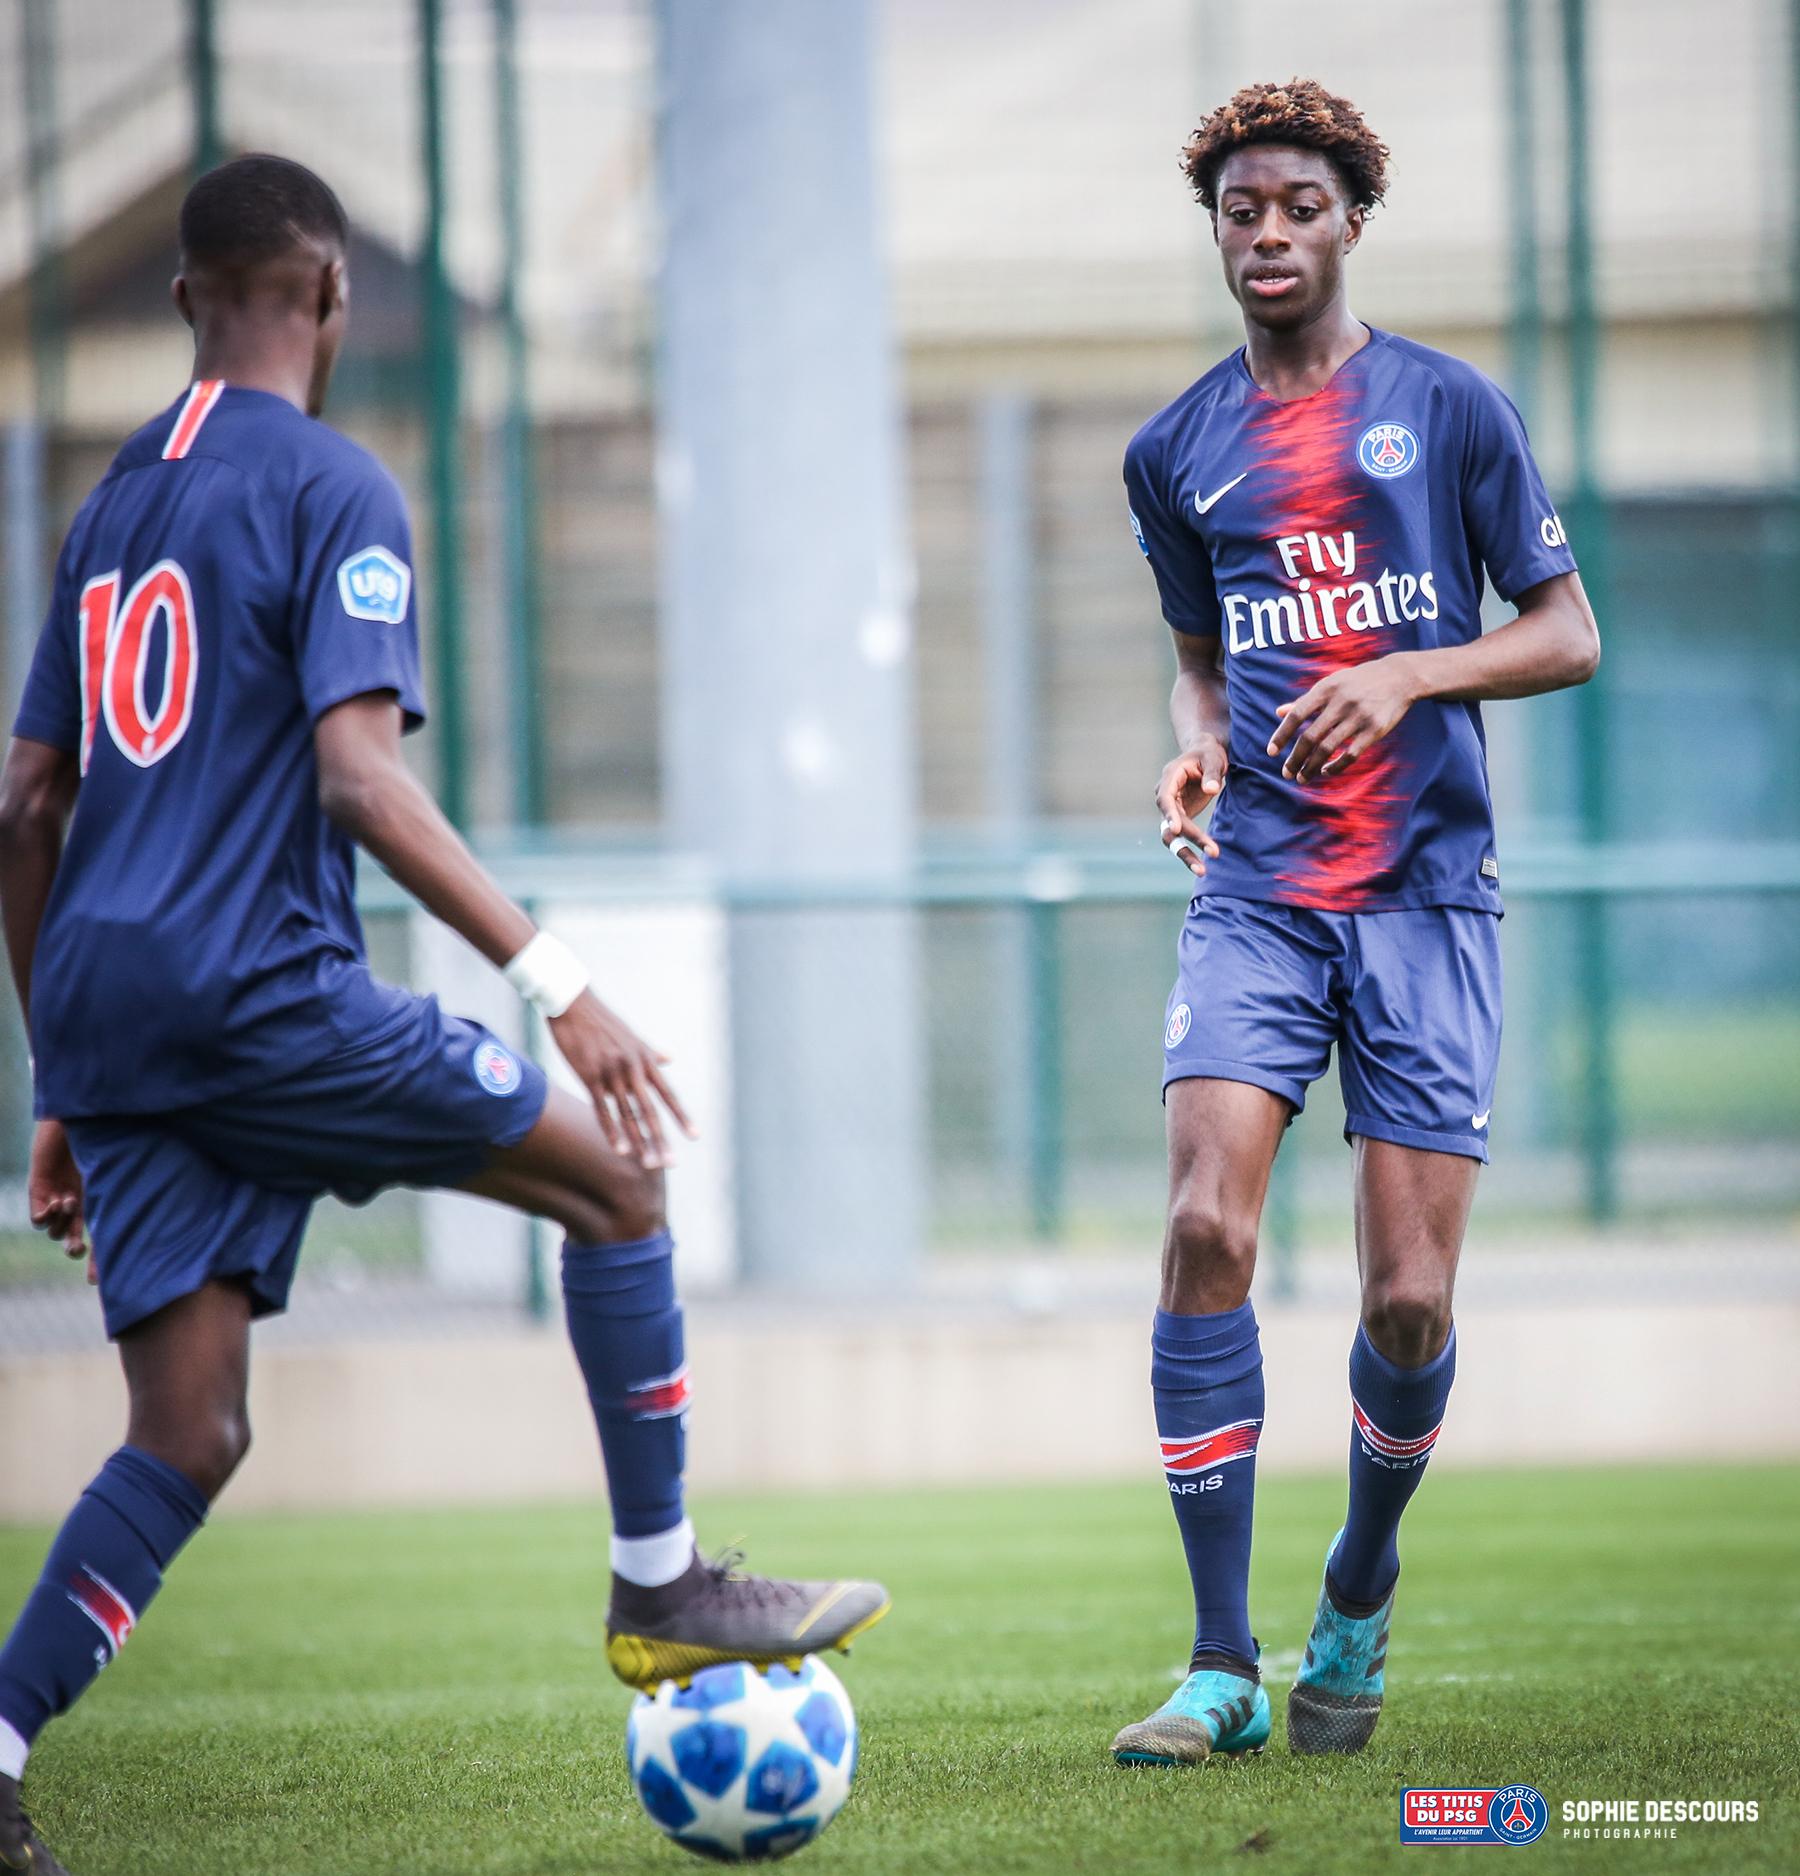 Curtis Fiawoo Niels défenseur U19 pendant Psg-US Boulogne